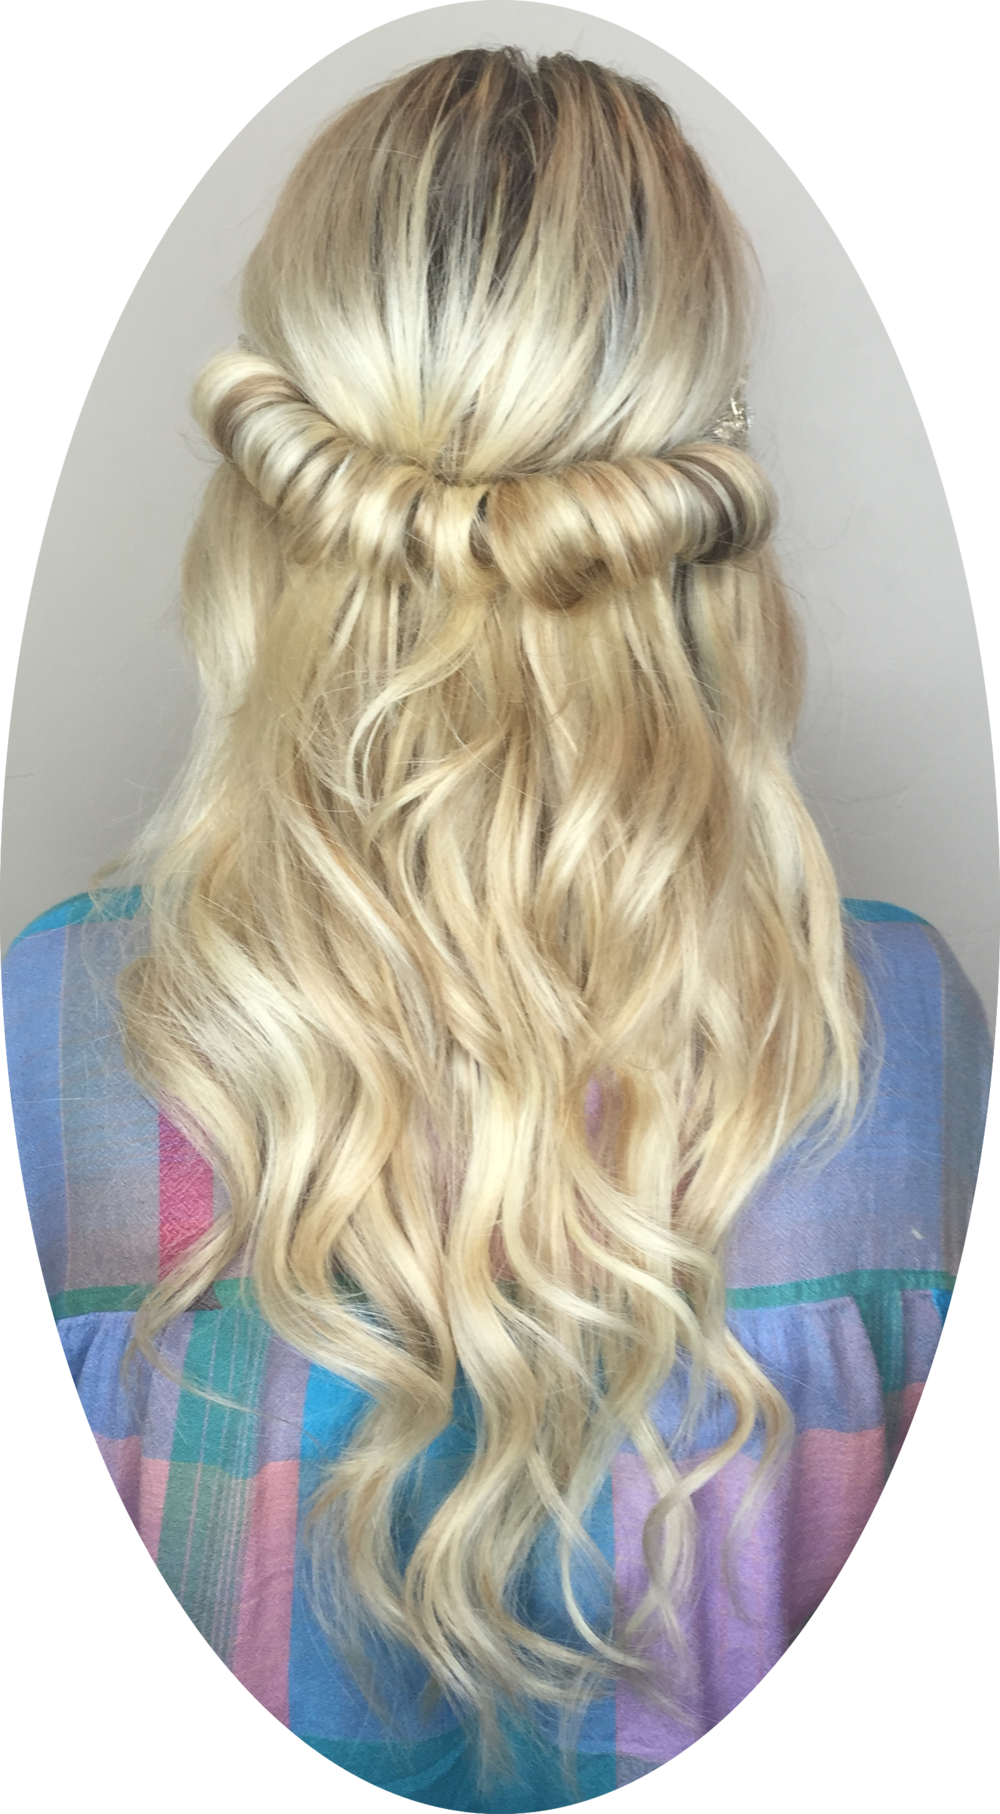 taylor hair circle 2.png